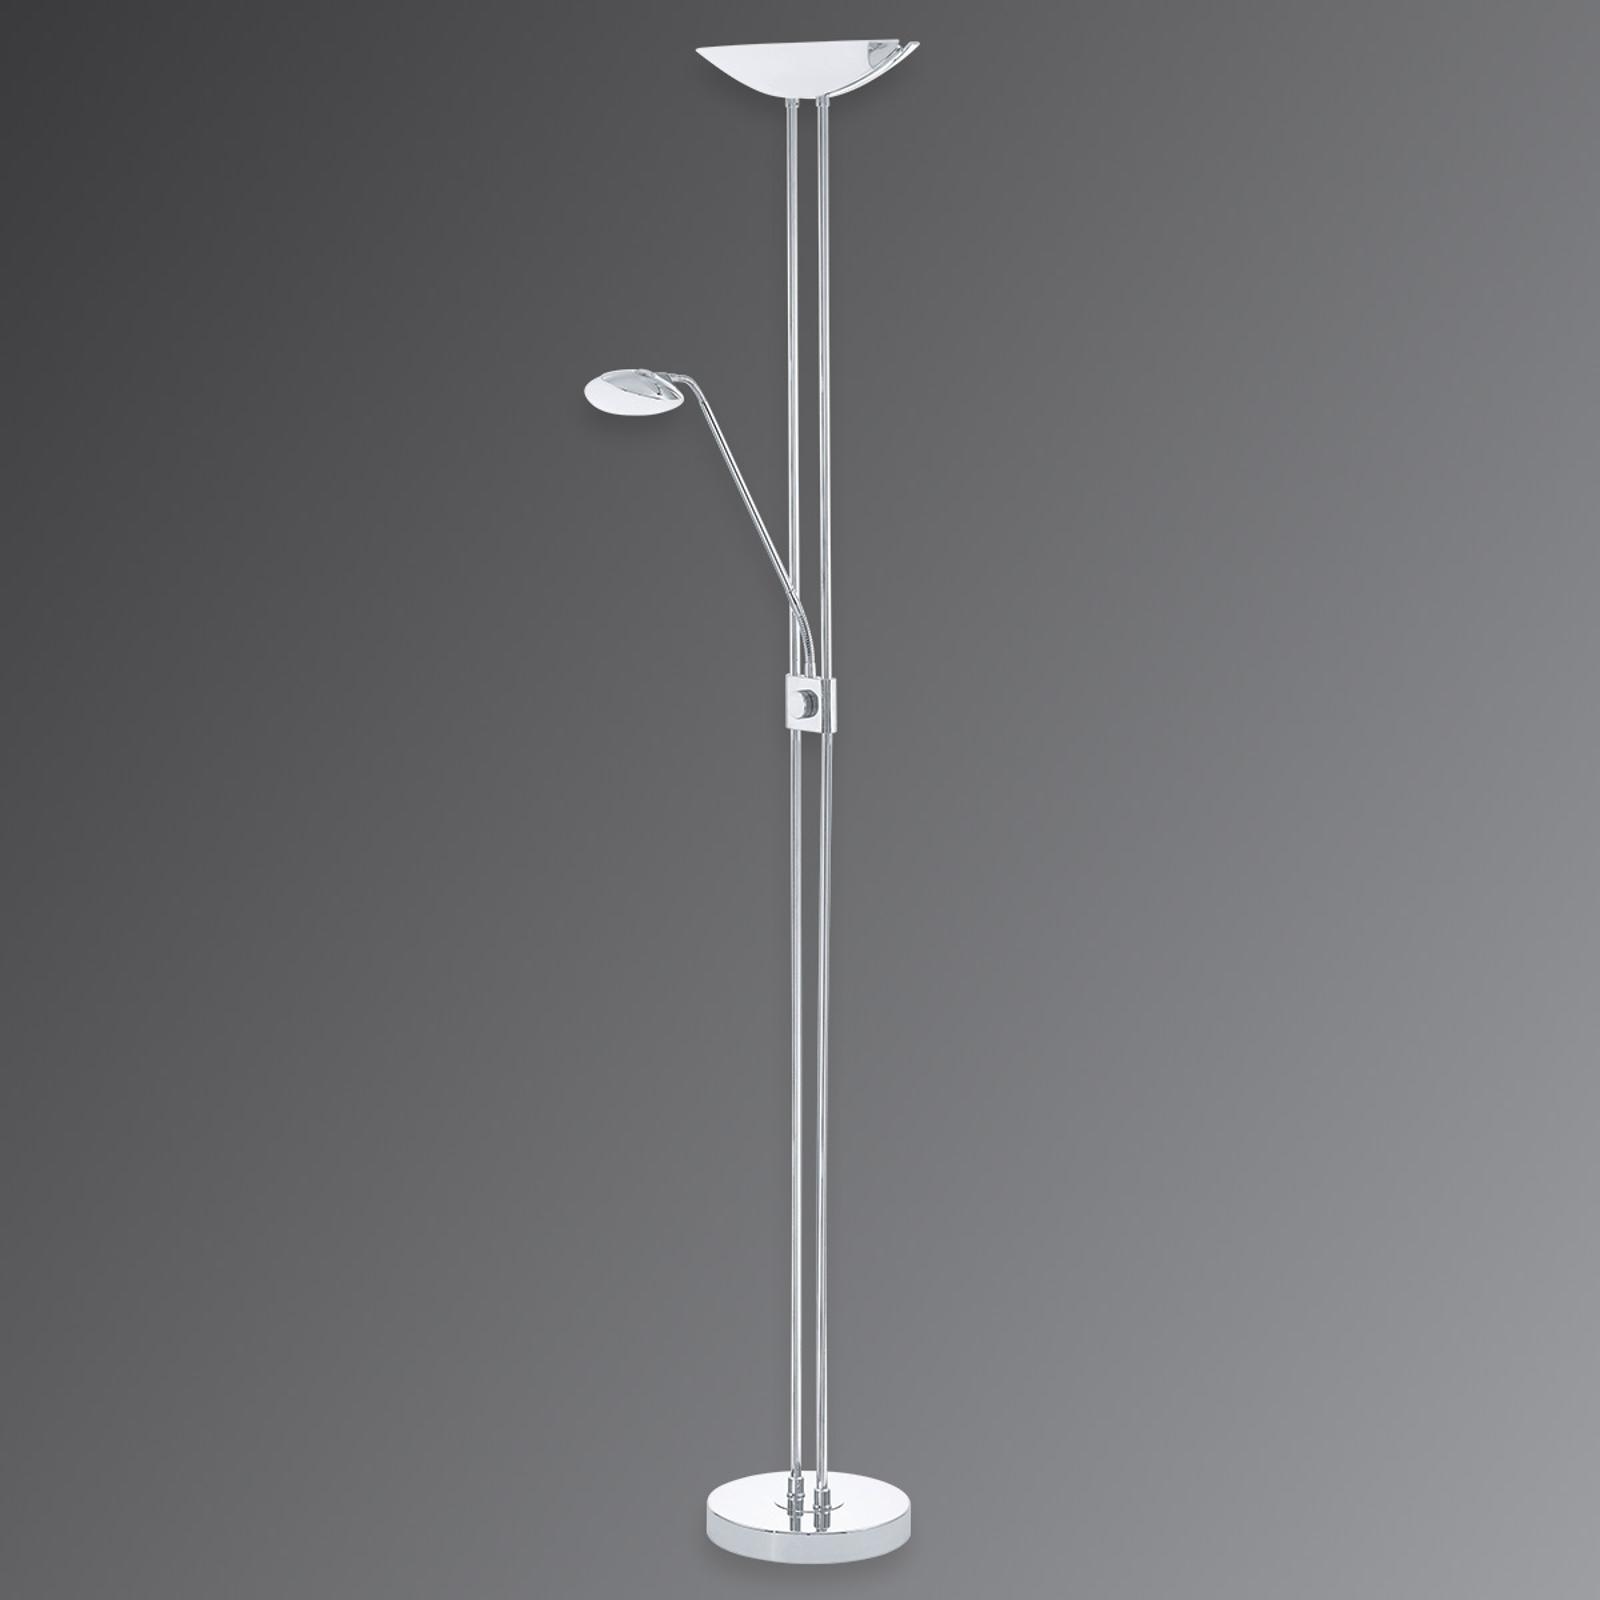 Baya - forkrommet LED-takspott med leselys